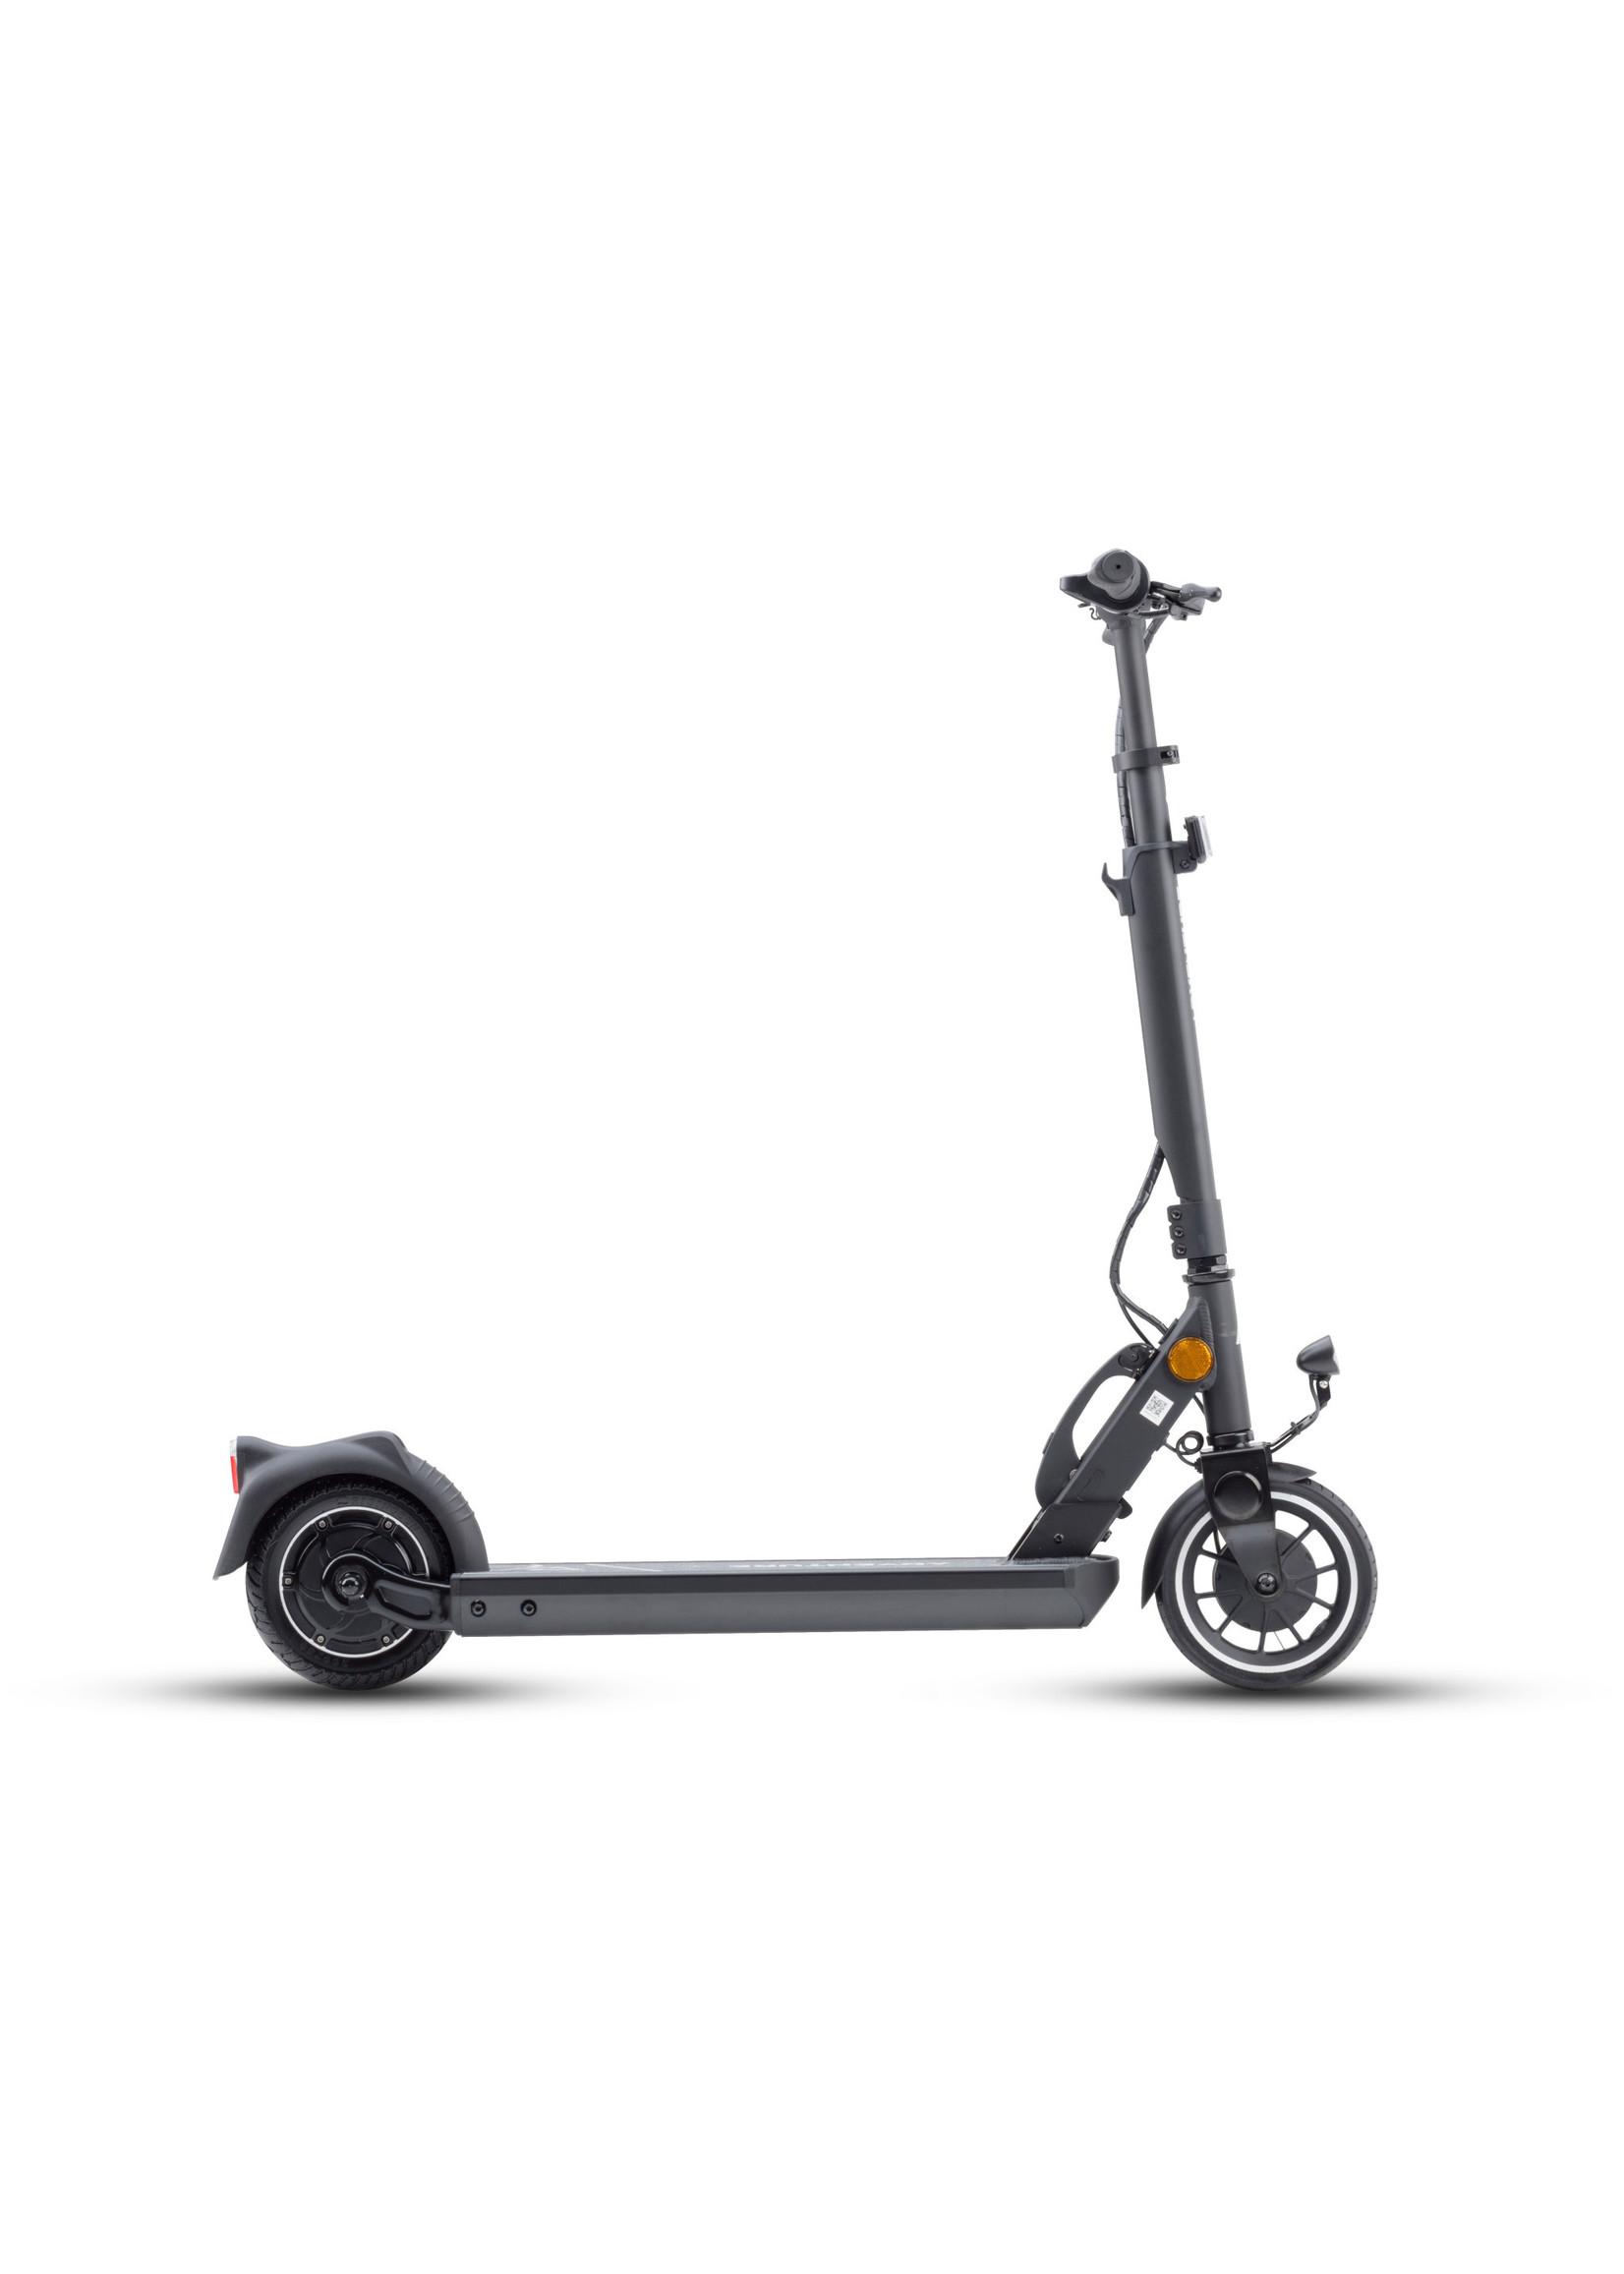 Adventure Adventure E-Scooter